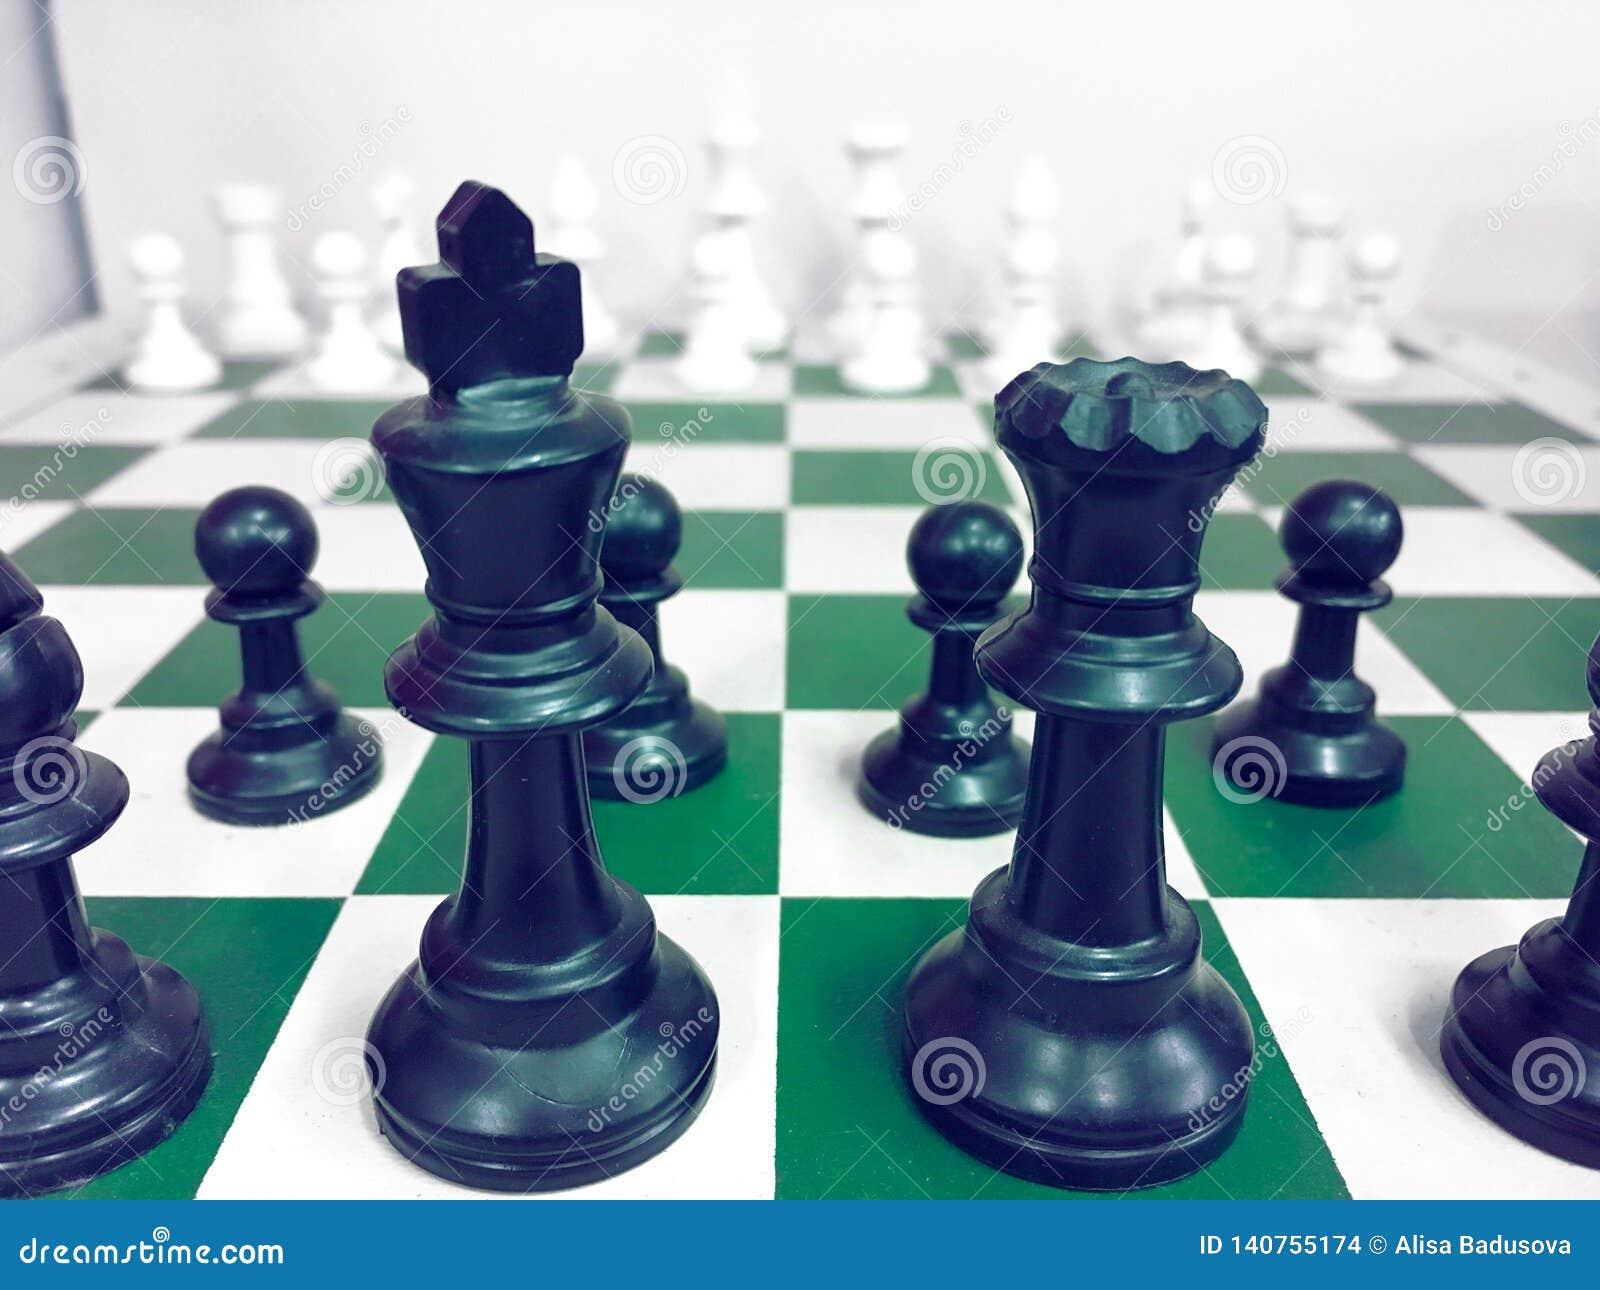 Schaakbord met een schaakstuk op het achter Onderhandelen in zaken als achtergrond bedrijfsconcept en strategieconcept